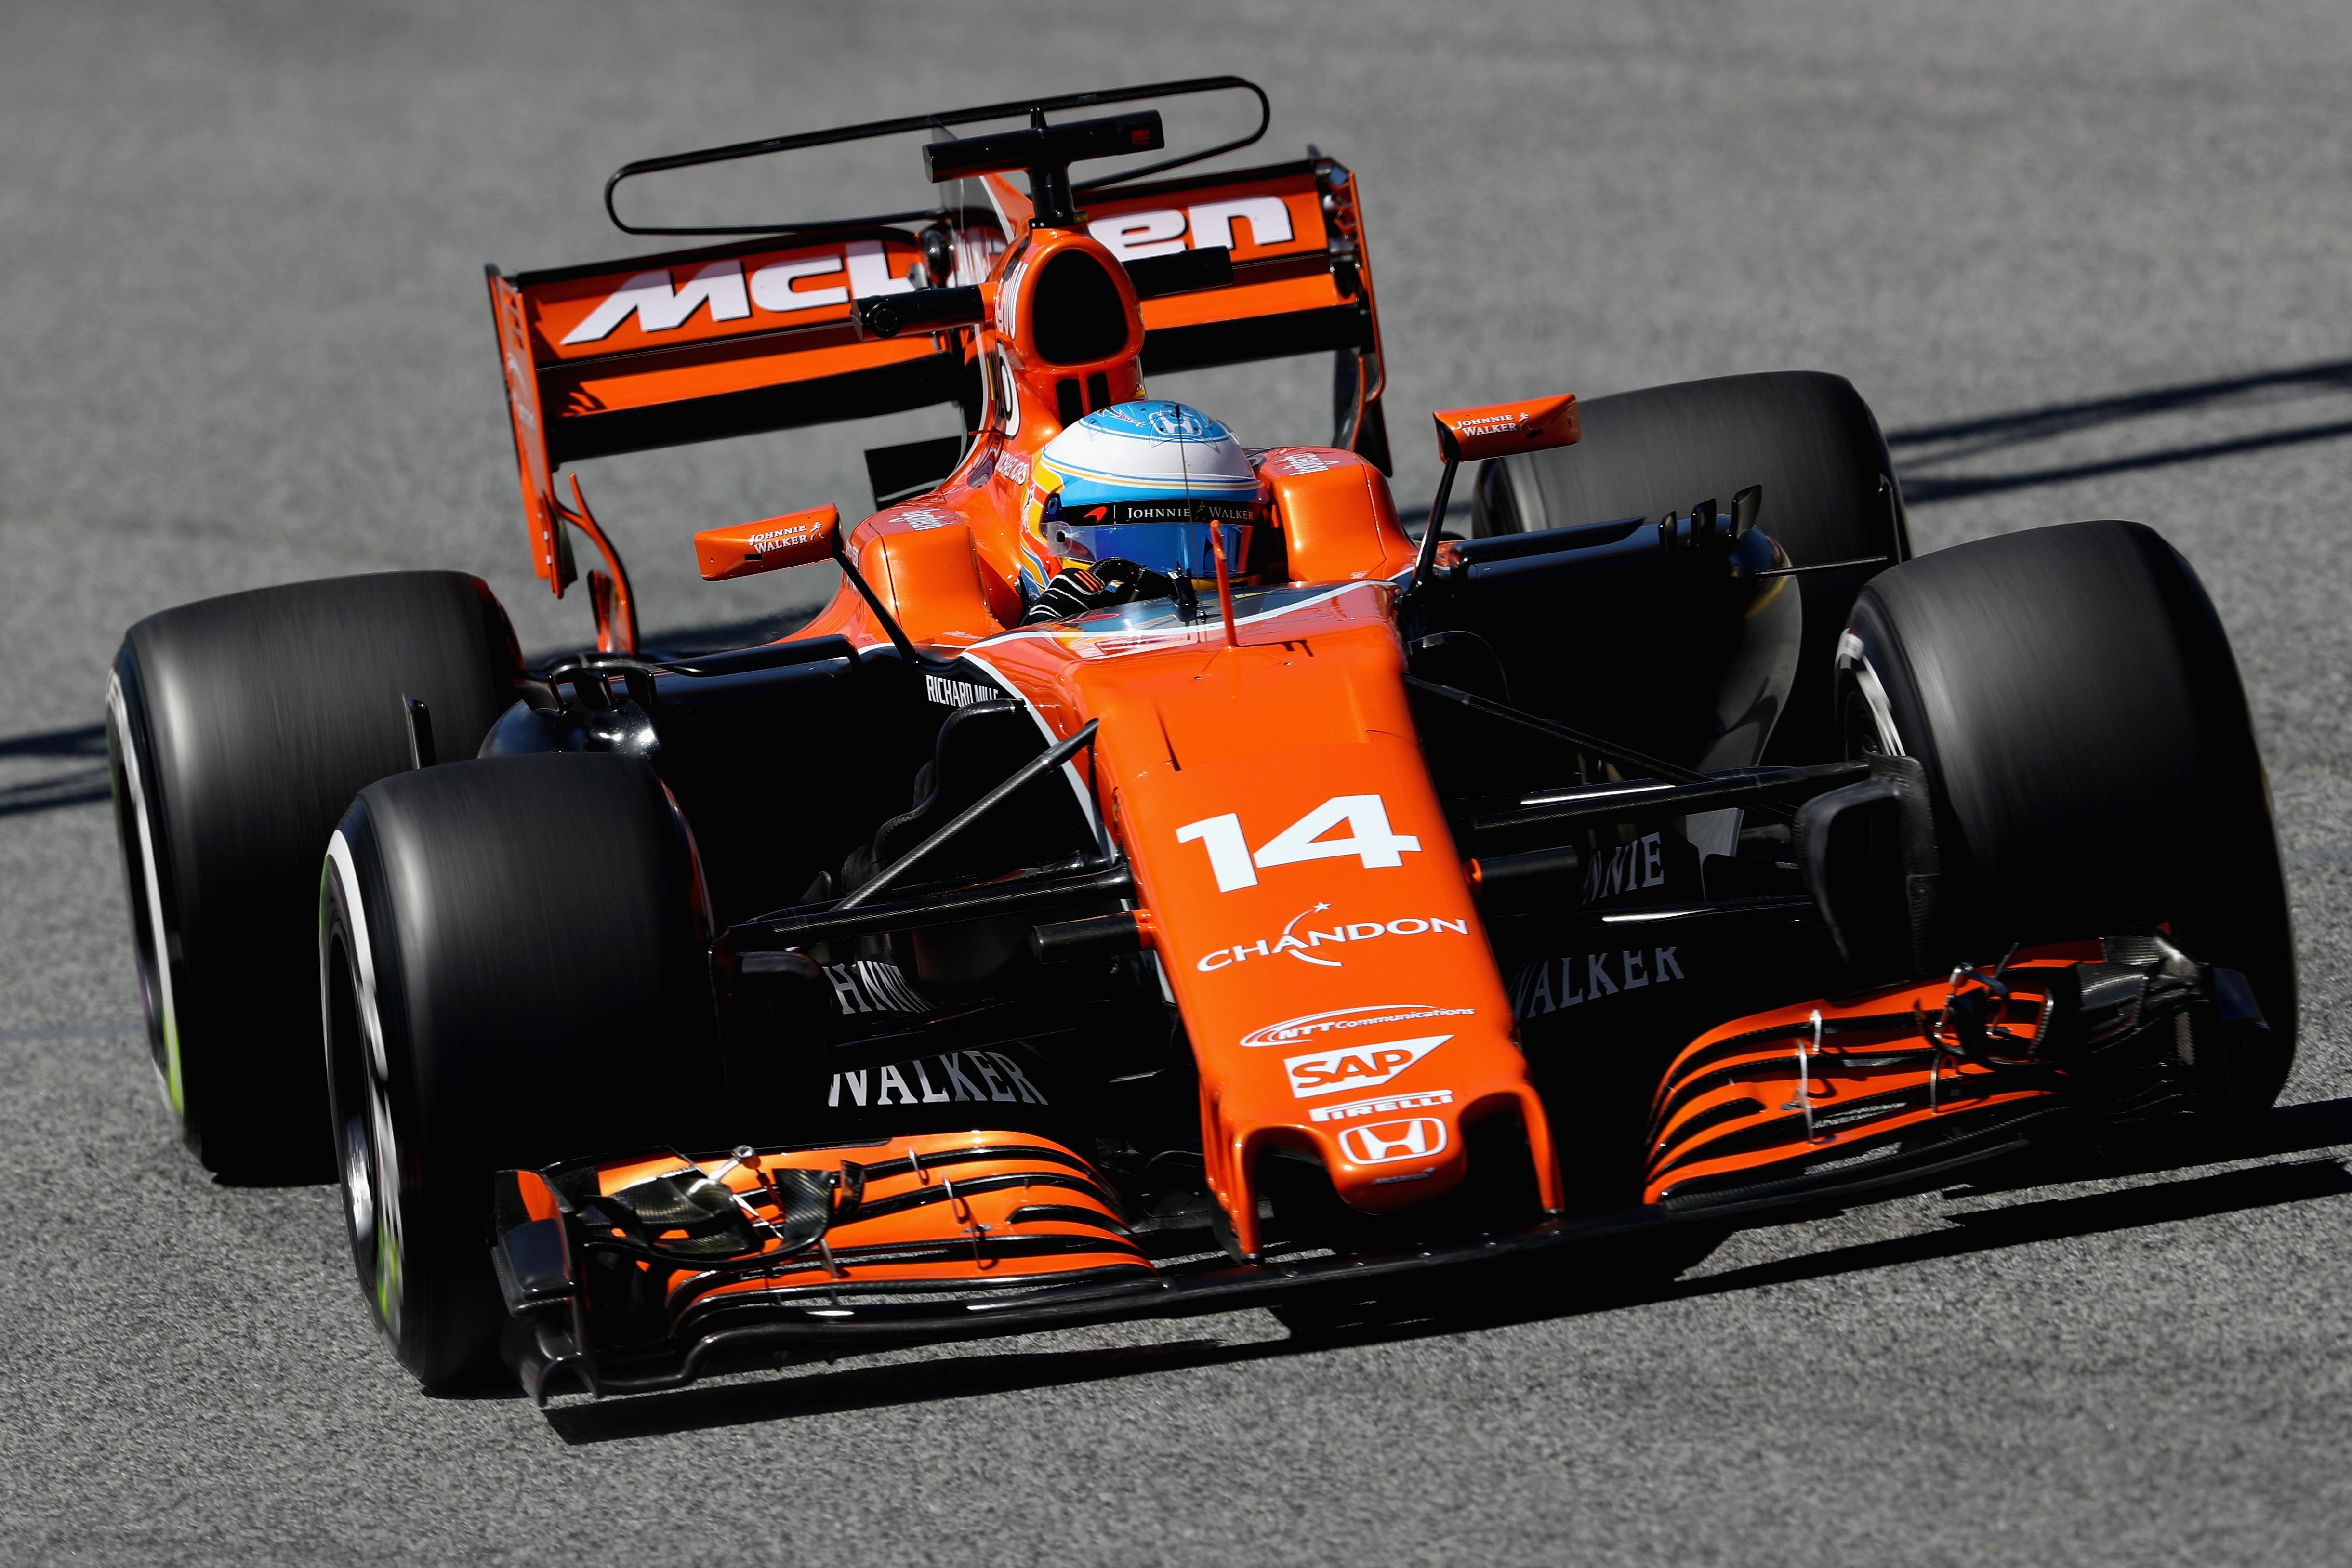 GP de España de F1: del reto de Verstappen a la apuesta por Alonso